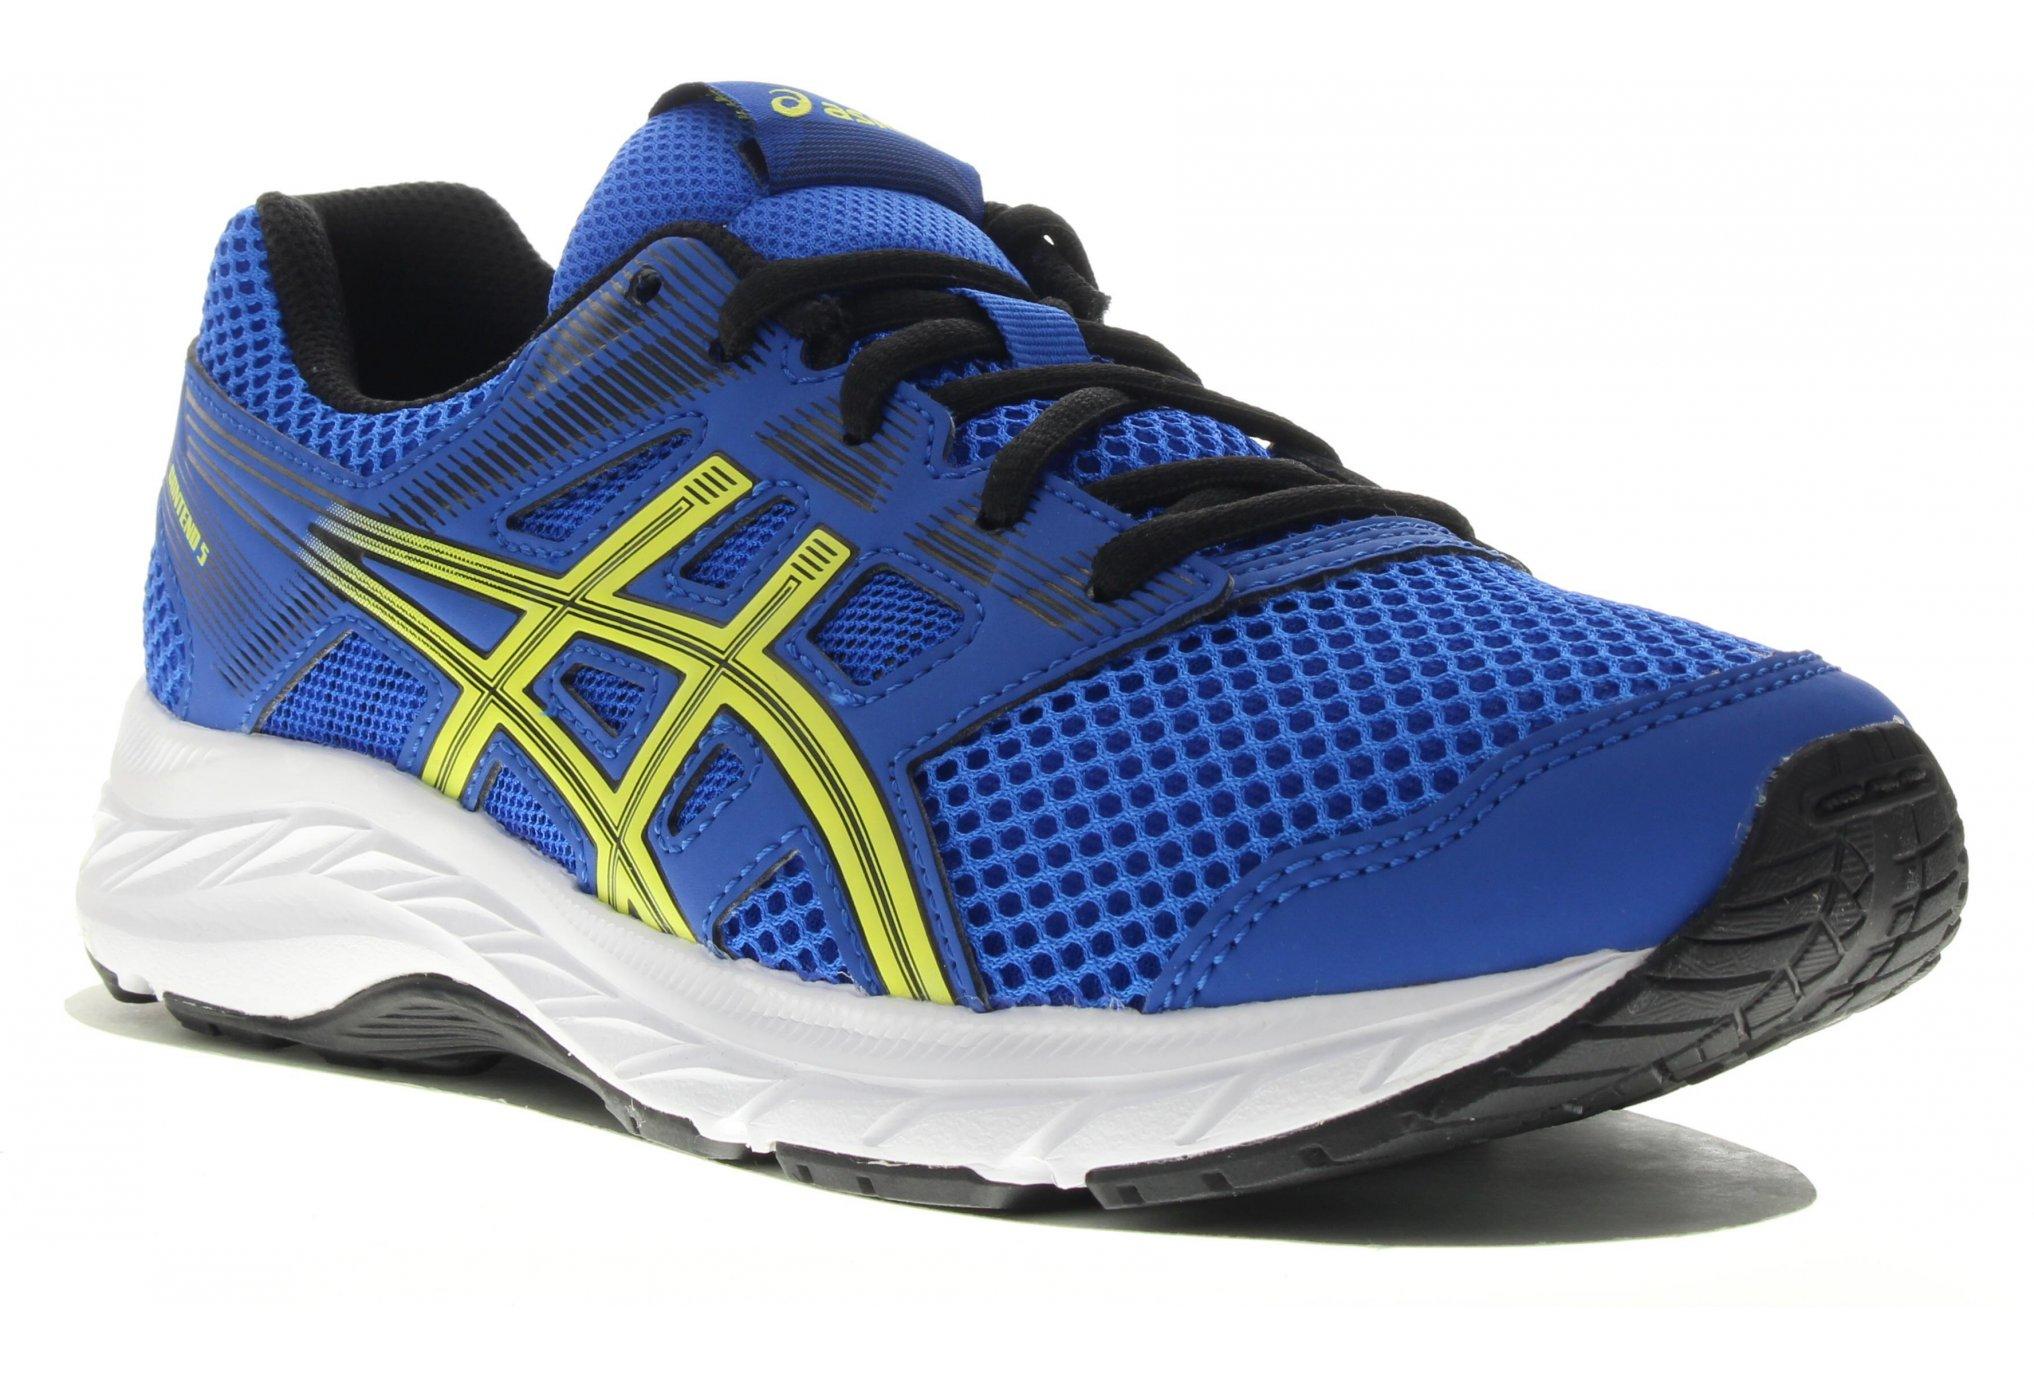 adf2a0225 Outlet de zapatillas de running Asics niño - niña talla 37 baratas ...